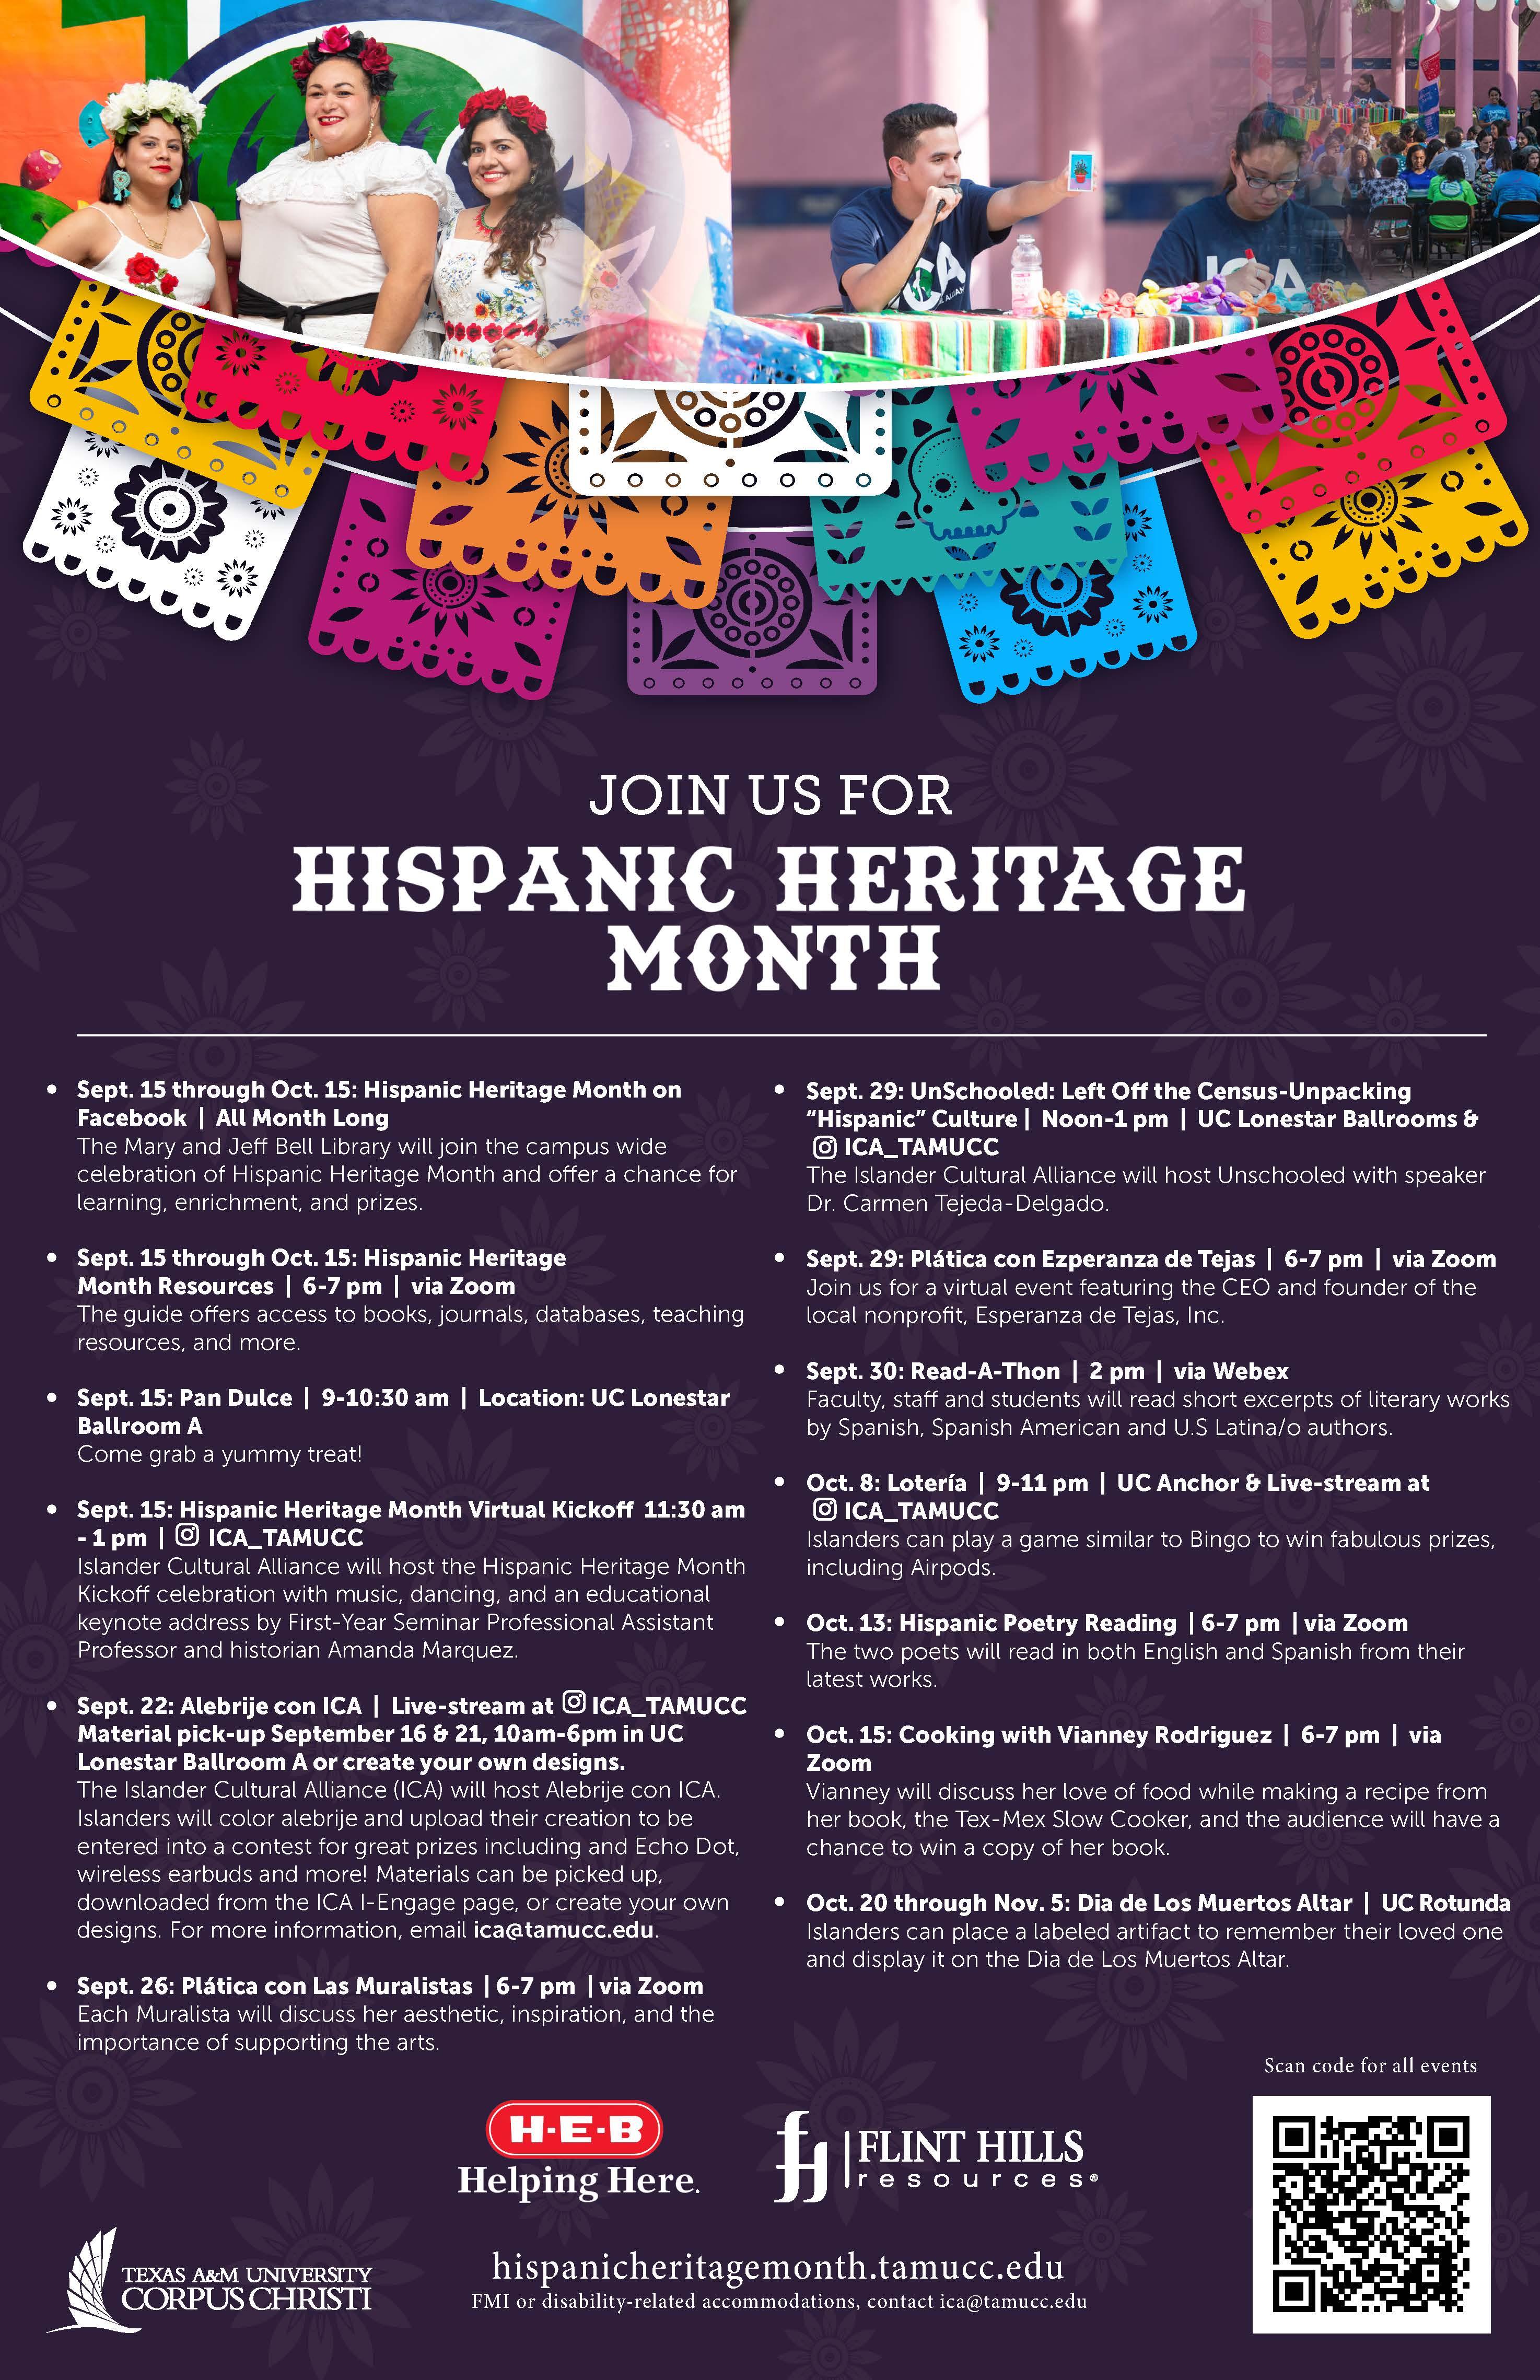 Hispanic Heritage Month celebration - promotional image